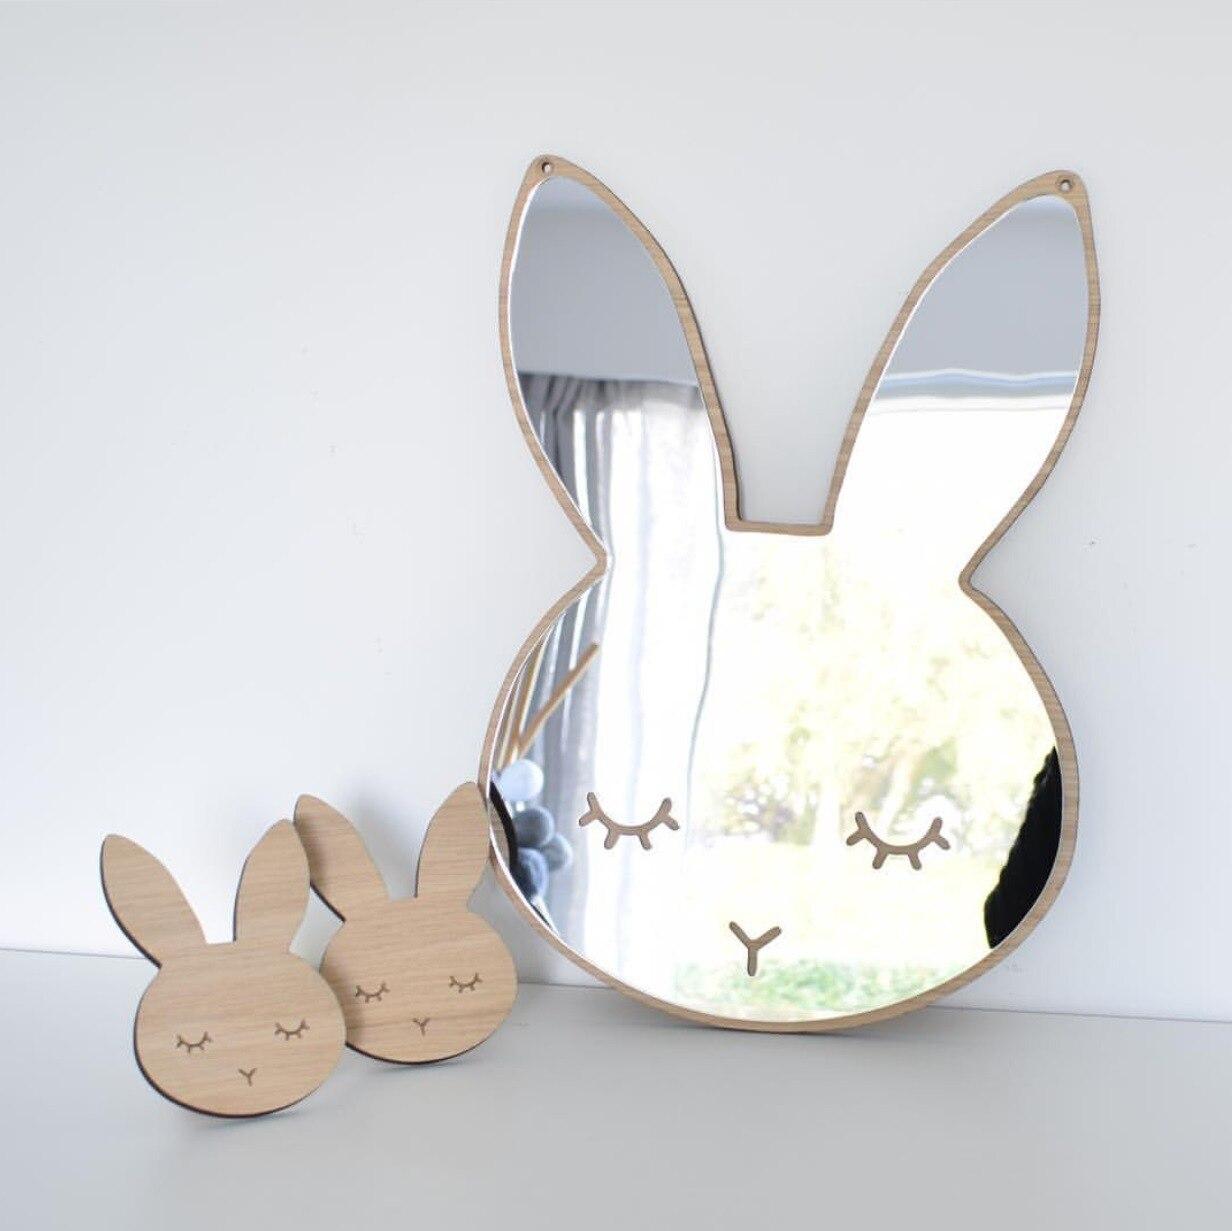 Аксессуары для колясок мультфильм кролик деревянные акриловые декоративные зеркала Детская комната настенные декоративные зеркала Подст... ...